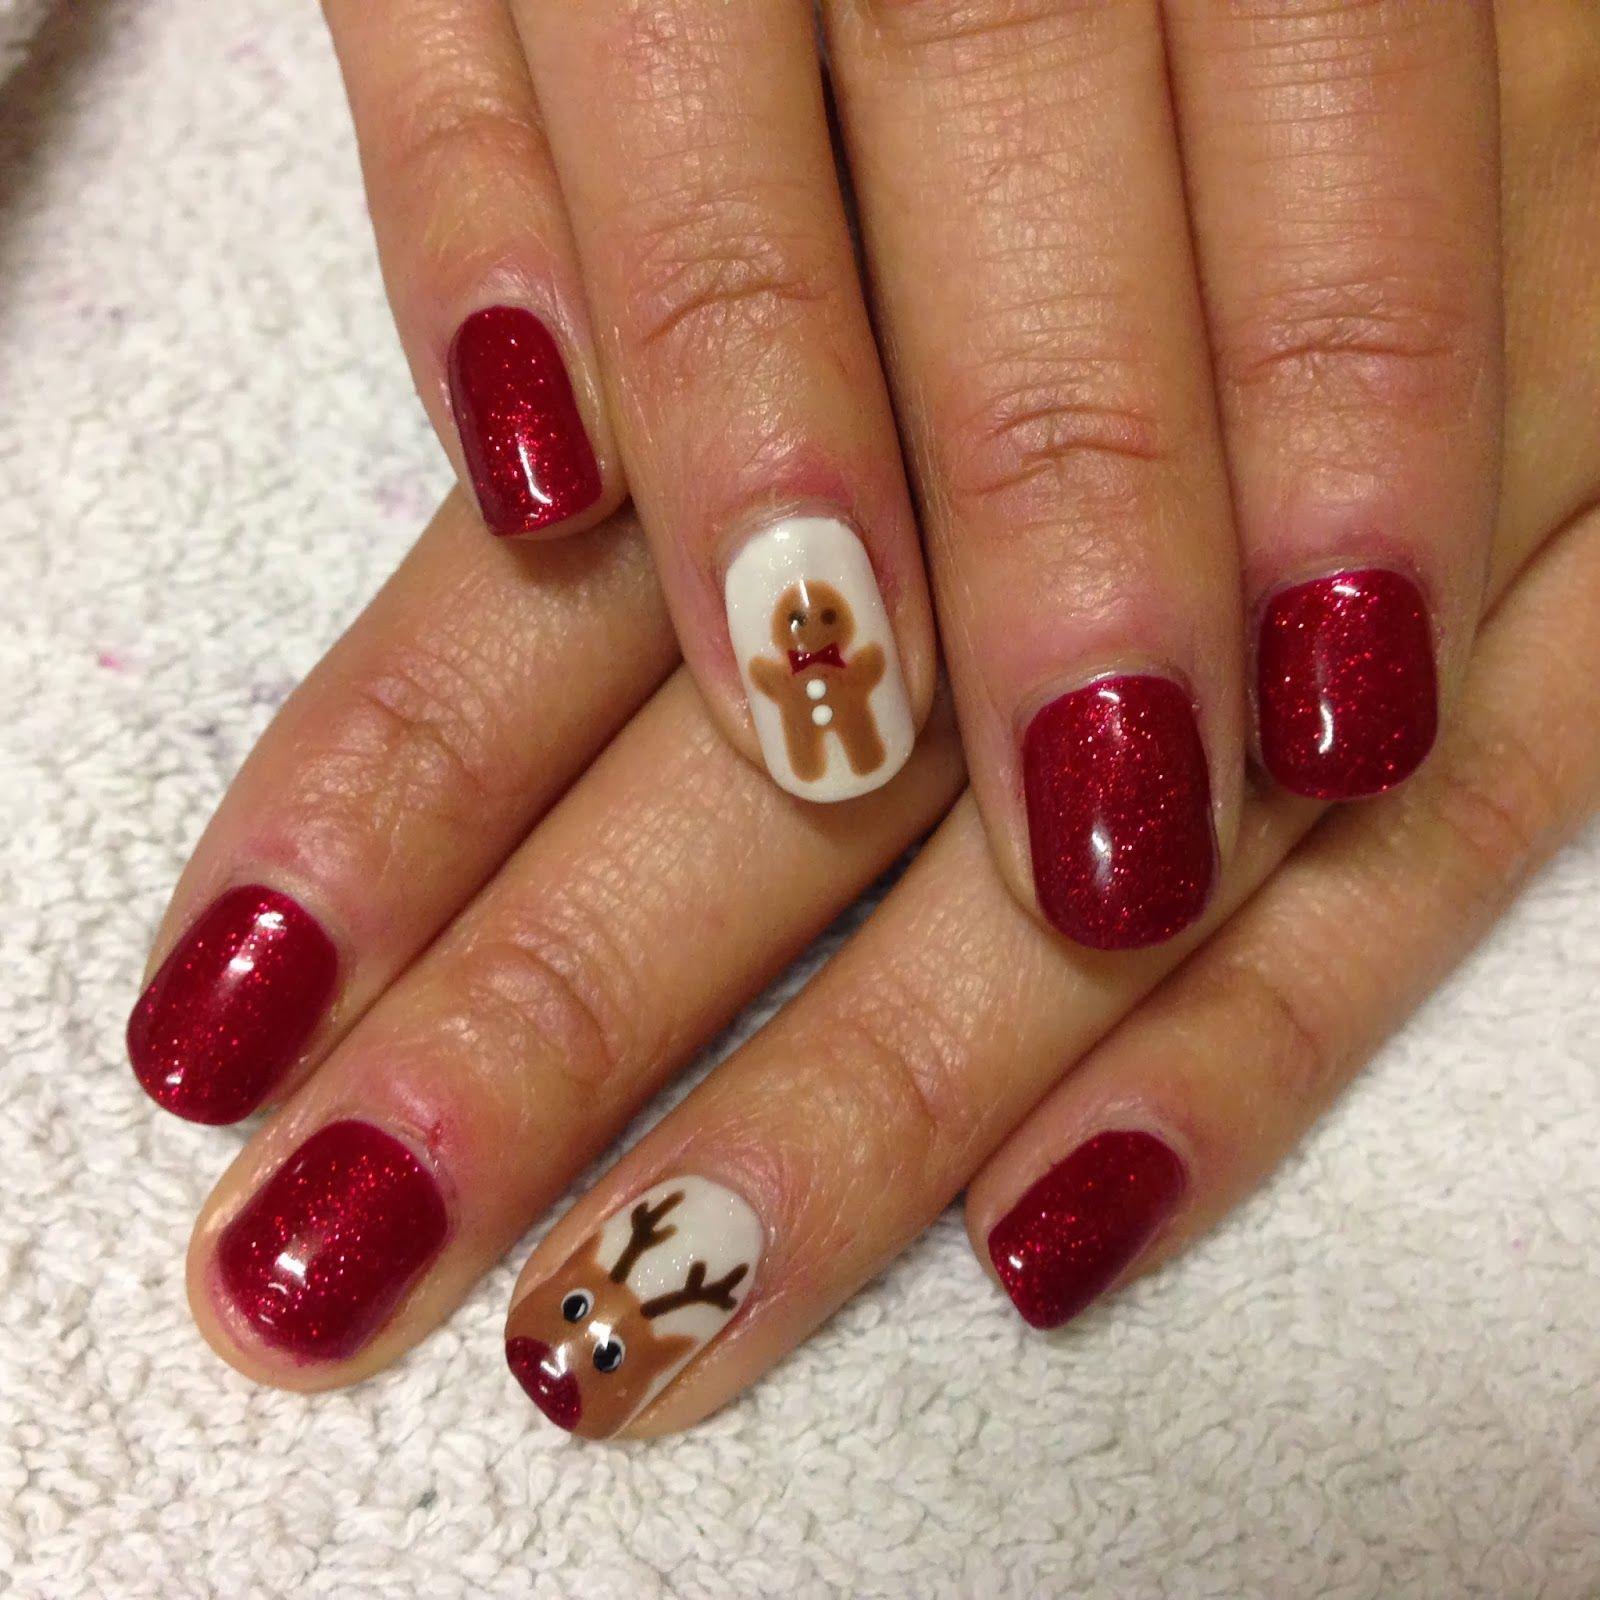 Cnd Shellac Christmas Nail Art 8 Rudolph And Gingerbread Men Nail Art Videos Cute Christmas Nails Nail Art Designs Videos